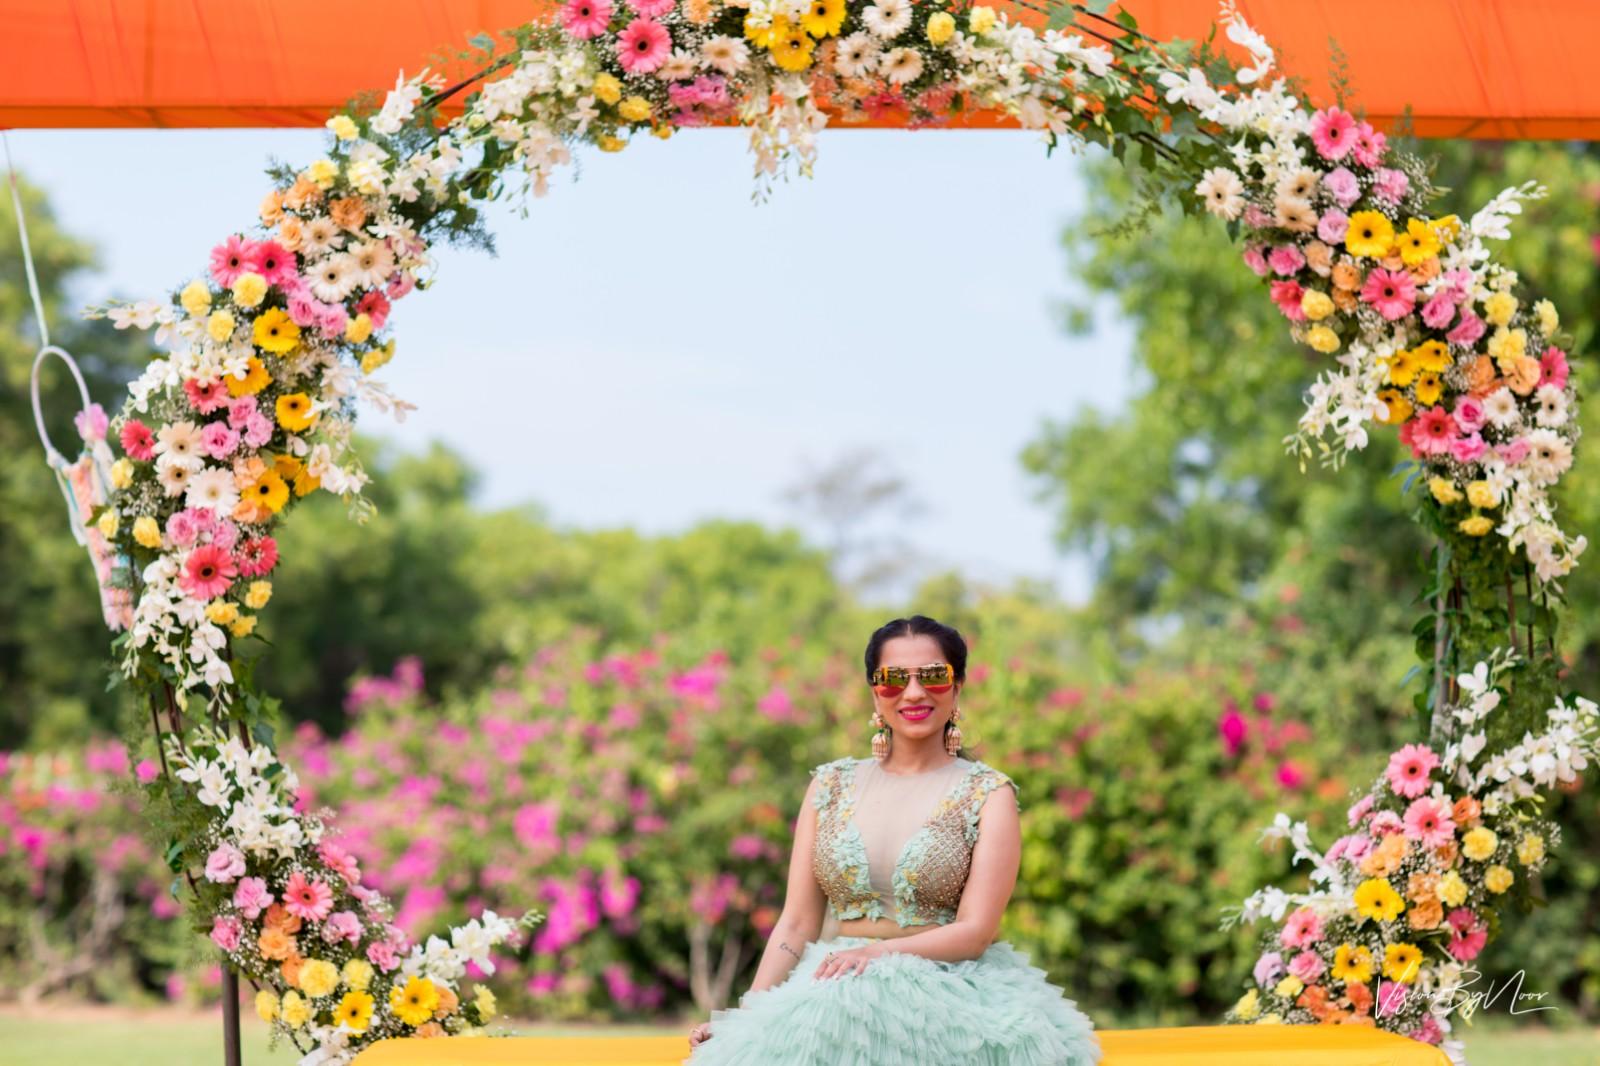 bride in pastel lehenga in front of huge floral wreath